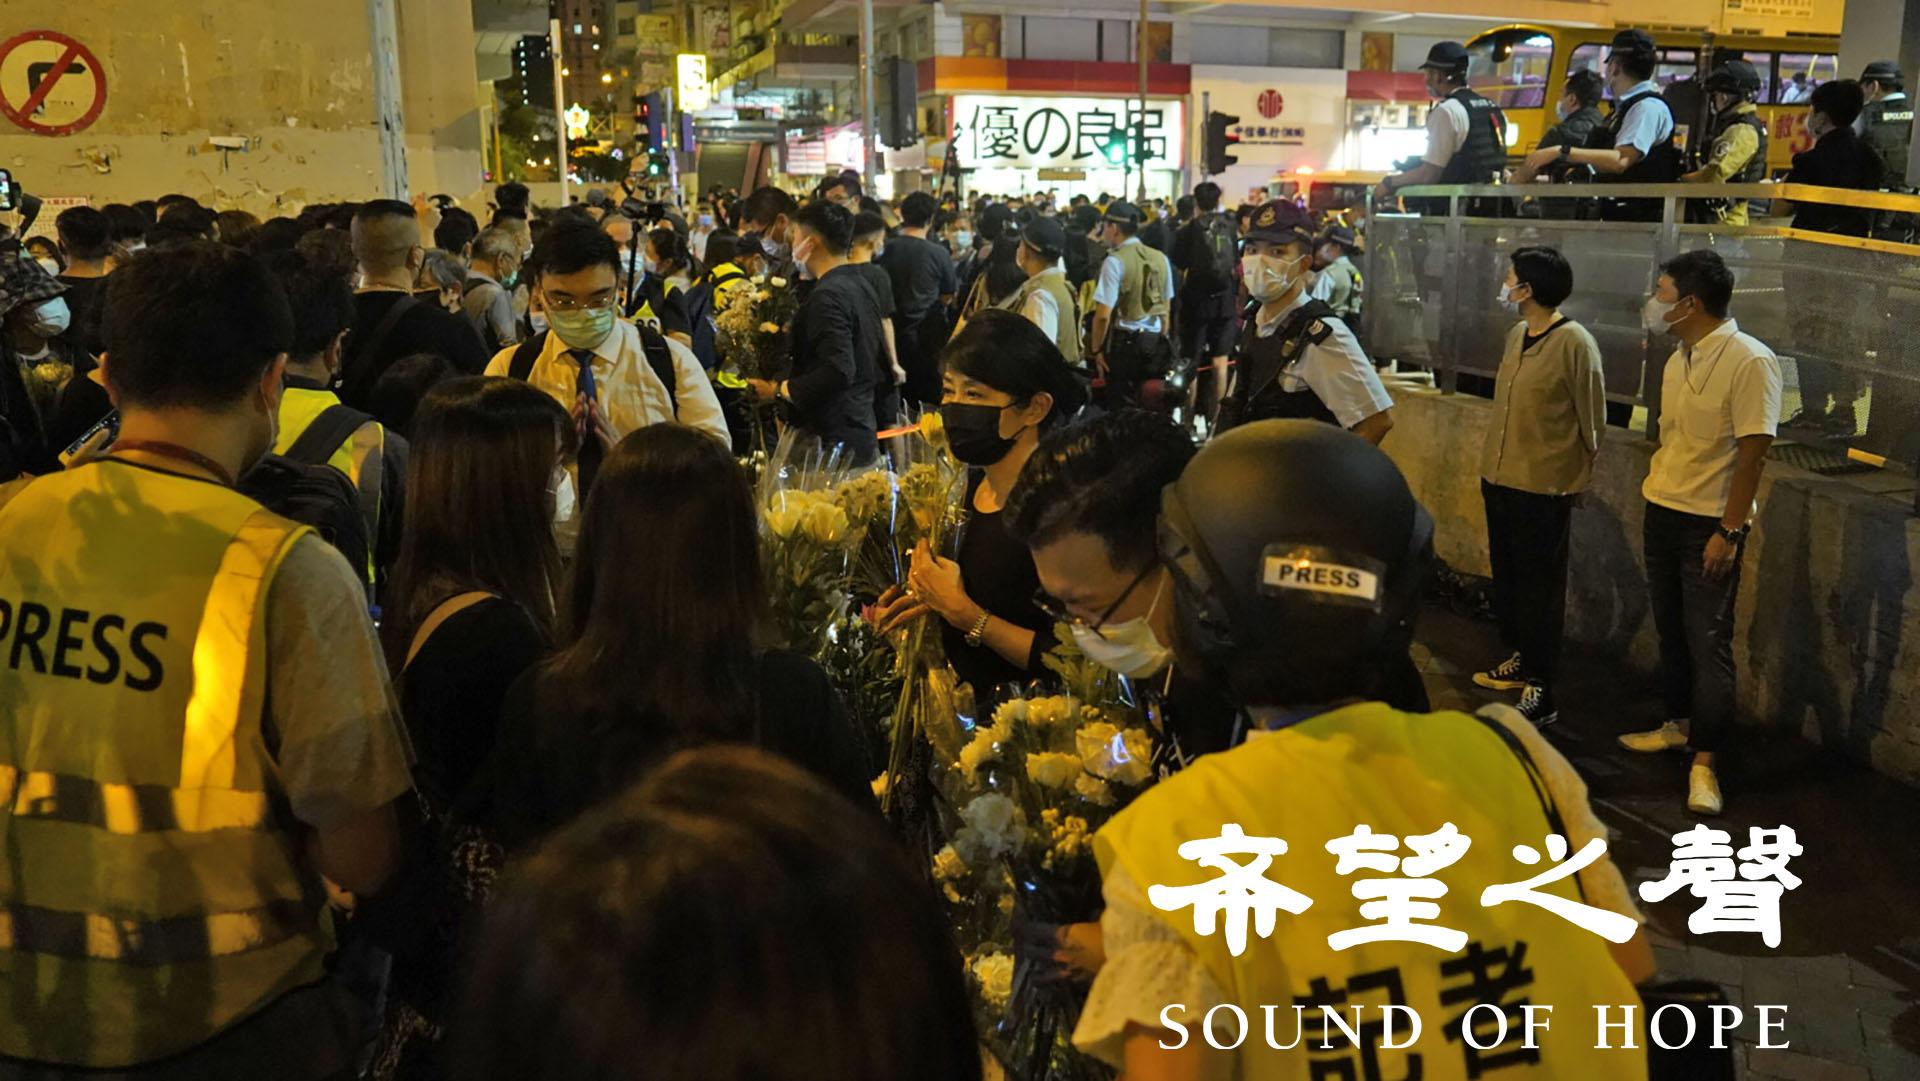 831警暴一周年,港人到太子站献花悼念。(摄影 / SOH 郑铭)